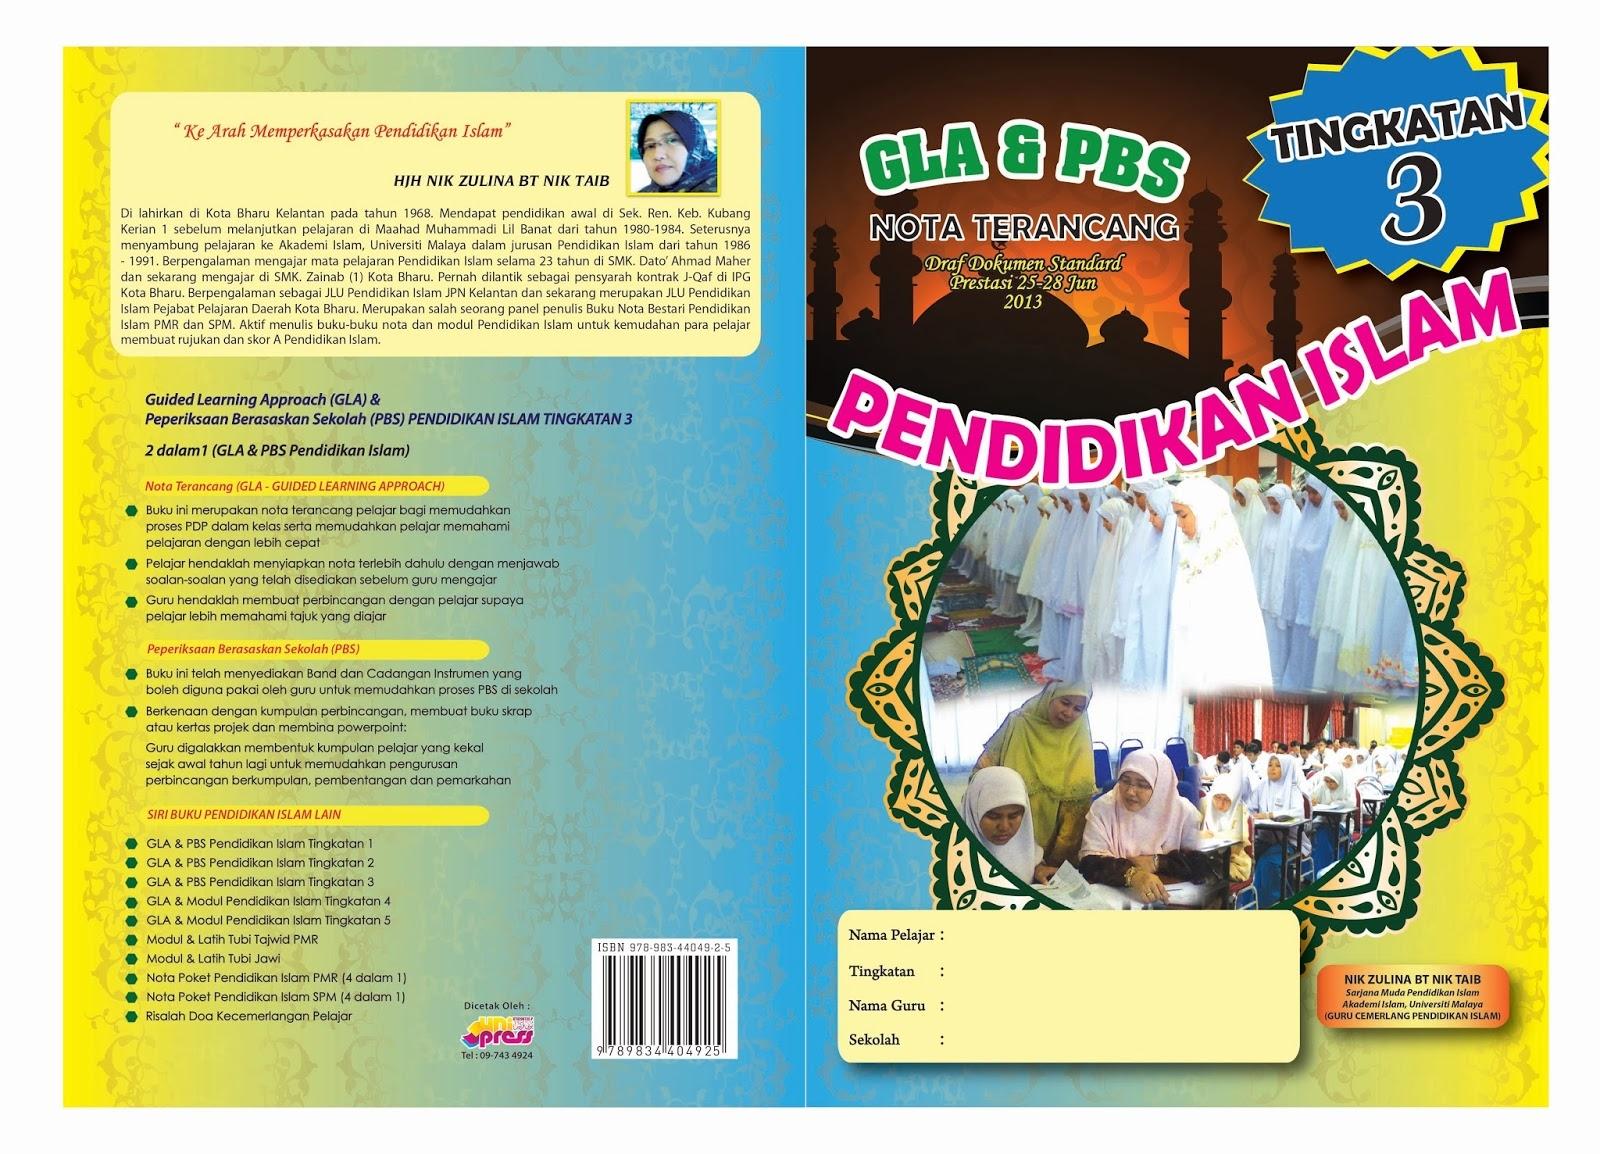 Nota Pendidikan islam Tingkatan 3 Yang Sangat Menarik Buku Nota Terancang Pendidikan islam Keluaran Terbaru Gla Dan Pbs Of Dapatkan Nota Pendidikan islam Tingkatan 3 Yang Menarik Untuk Para Murid Perolehi